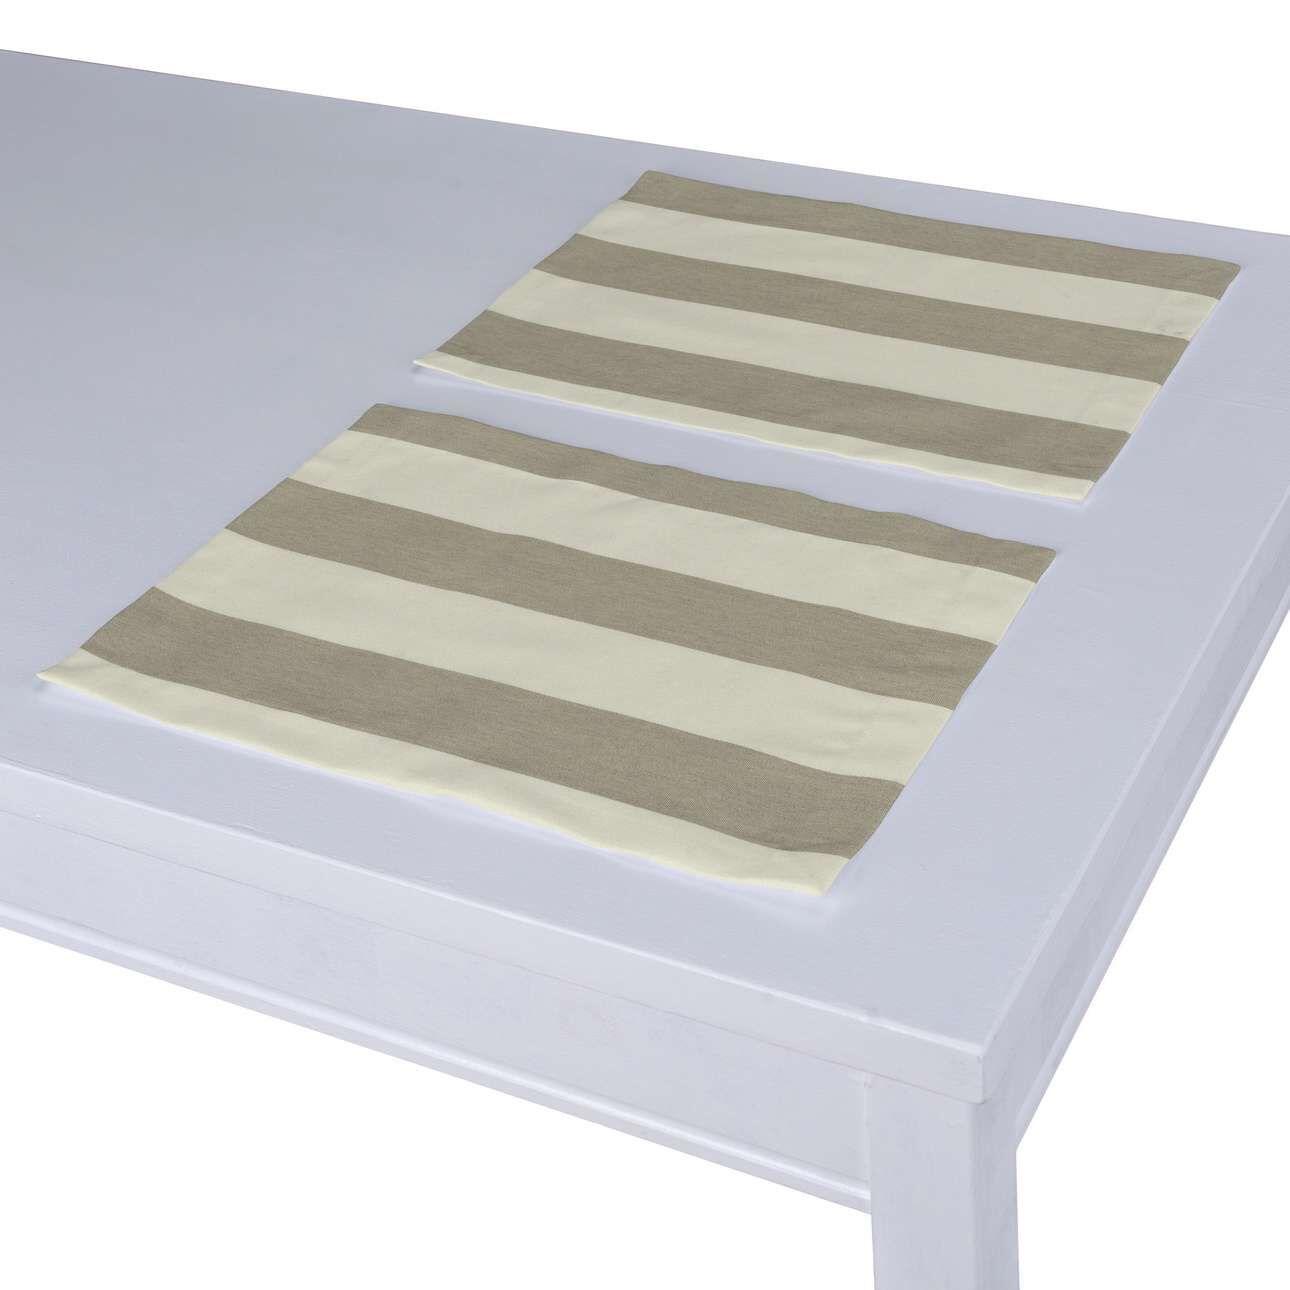 Dekoria Tischset 2 Stck. weiß- beige Modell: 30 × 40 cm